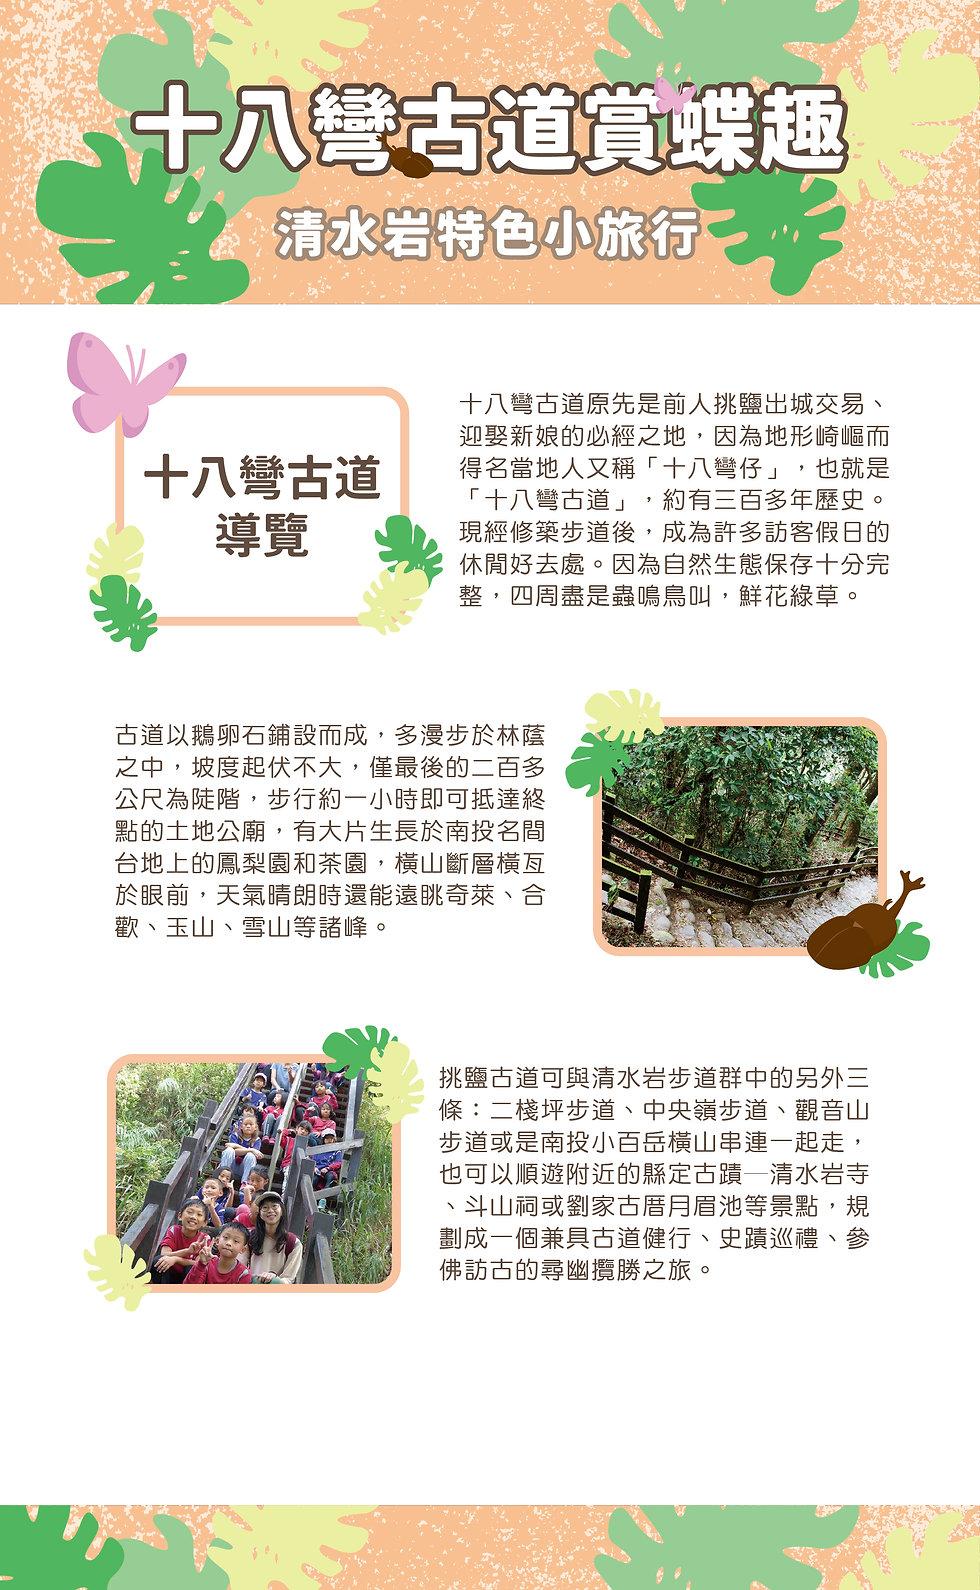 清水岩-3十八彎古道賞蝶趣-02.jpg